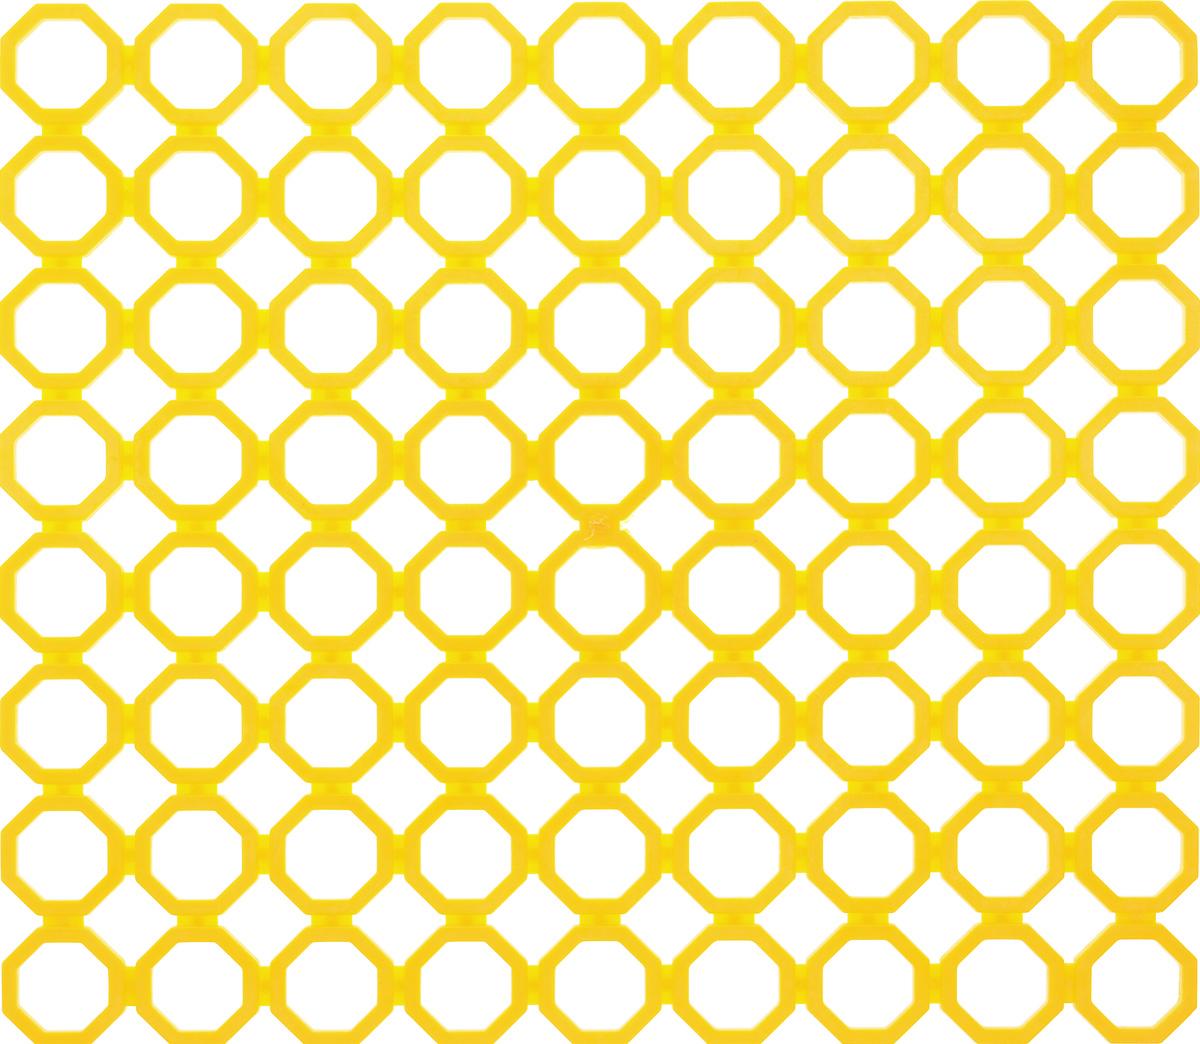 Коврик для раковины York, цвет: желтый, 29 х 25,7 см9562_желтыйСтильный и удобный коврик для раковины York изготовлен из сложных полимеров. Он одновременно выполняет несколько функций: украшает, защищает мойку от царапин и сколов, смягчает удары при падении посуды в мойку. Коврик также можно использовать для сушки посуды, фруктов и овощей. Он легко очищается от грязи и жира.